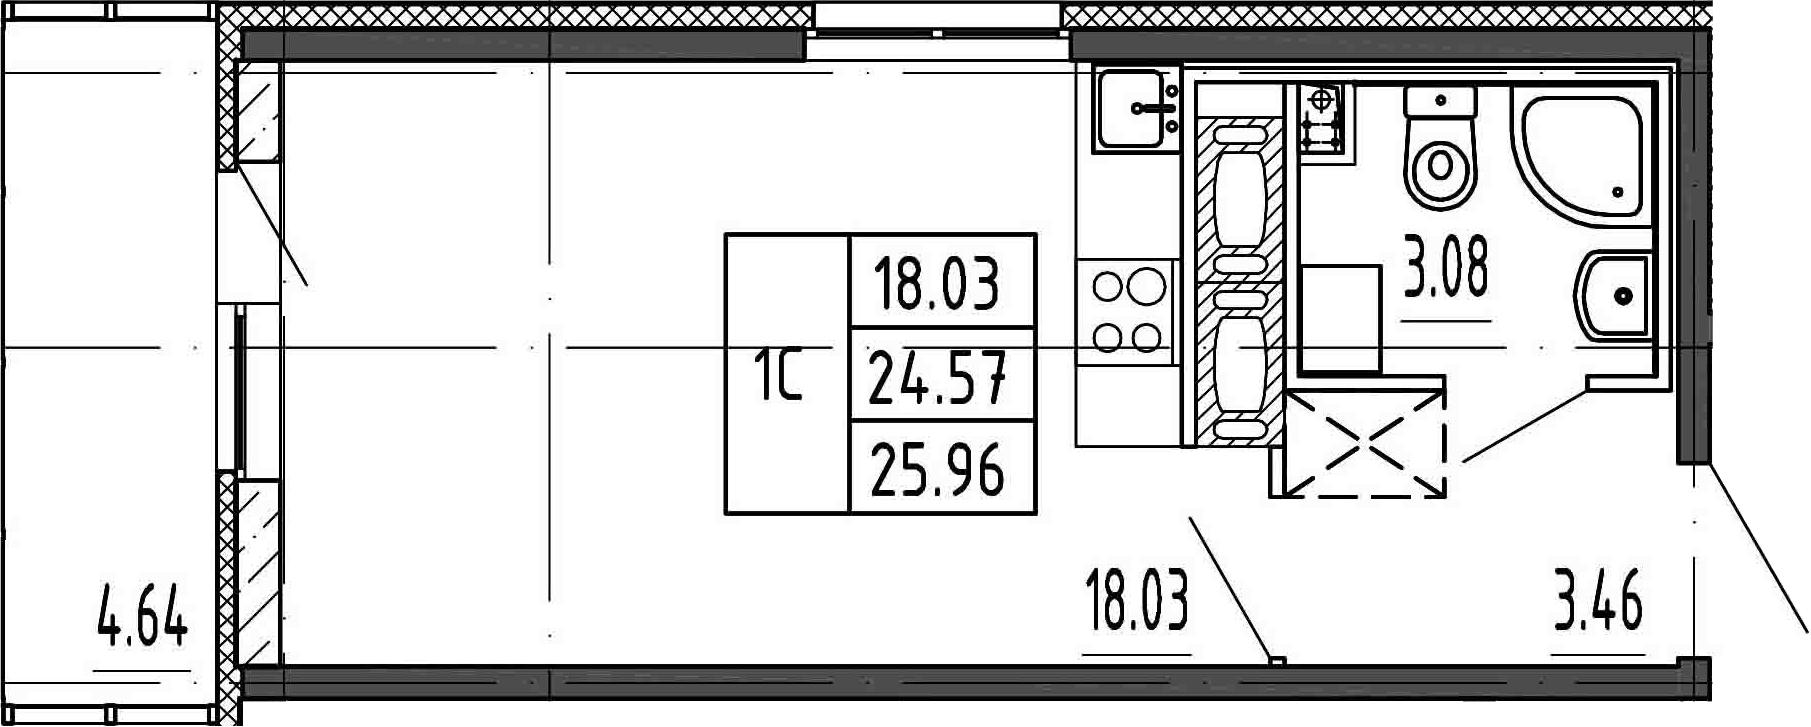 Студия, 24.57 м², 15 этаж